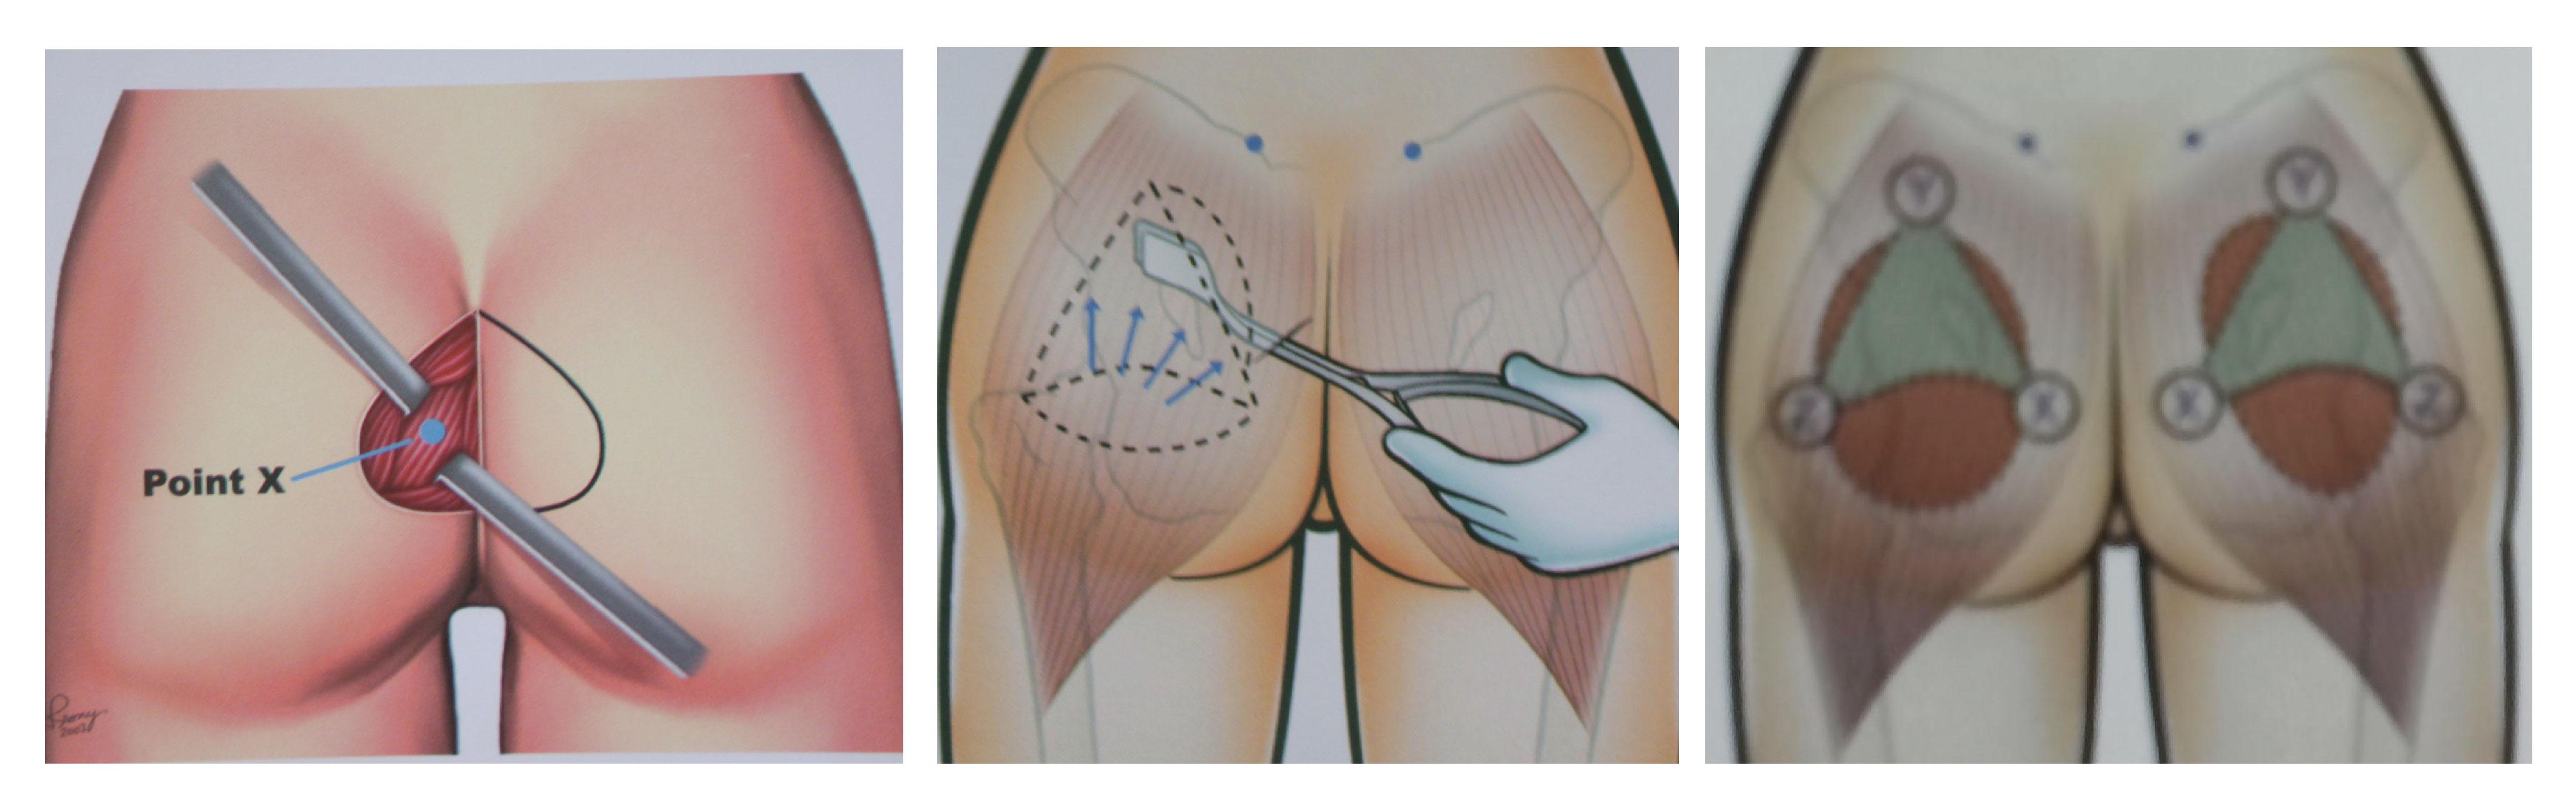 Xóa tan nỗi ám ảnh vòng 3 xẹp lép bằng kỹ thuật nâng mông nội soi5